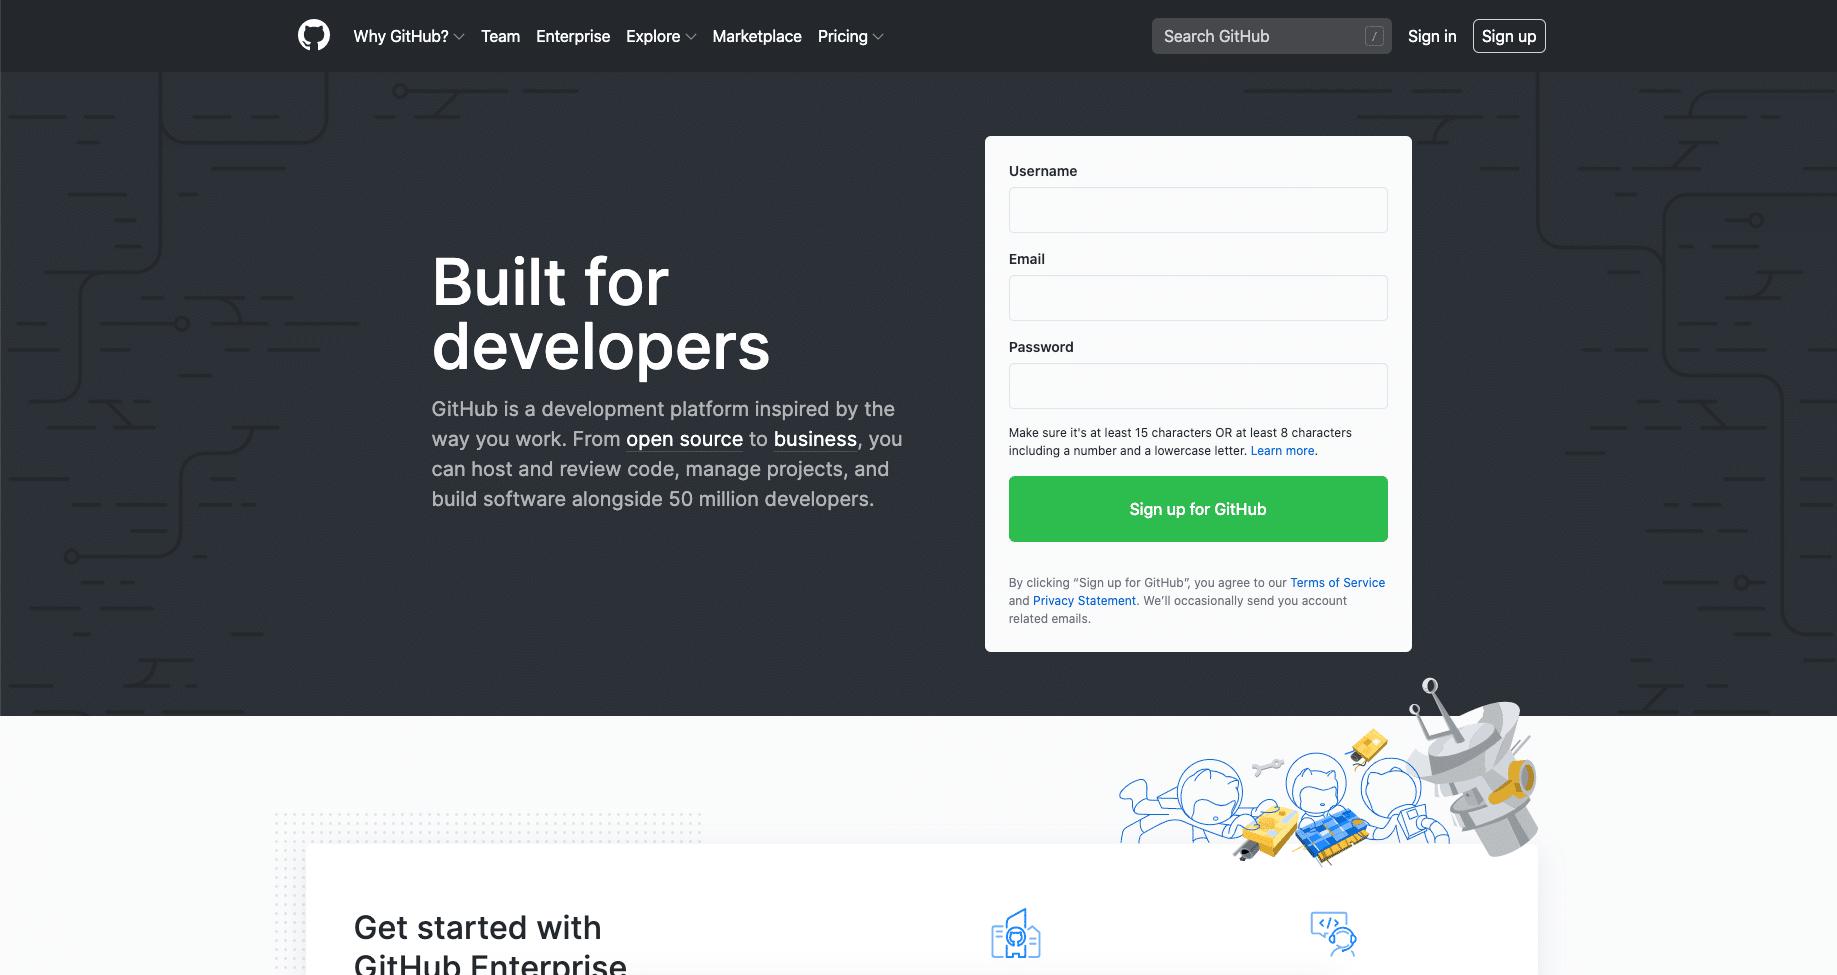 A página inicial do site GitHub